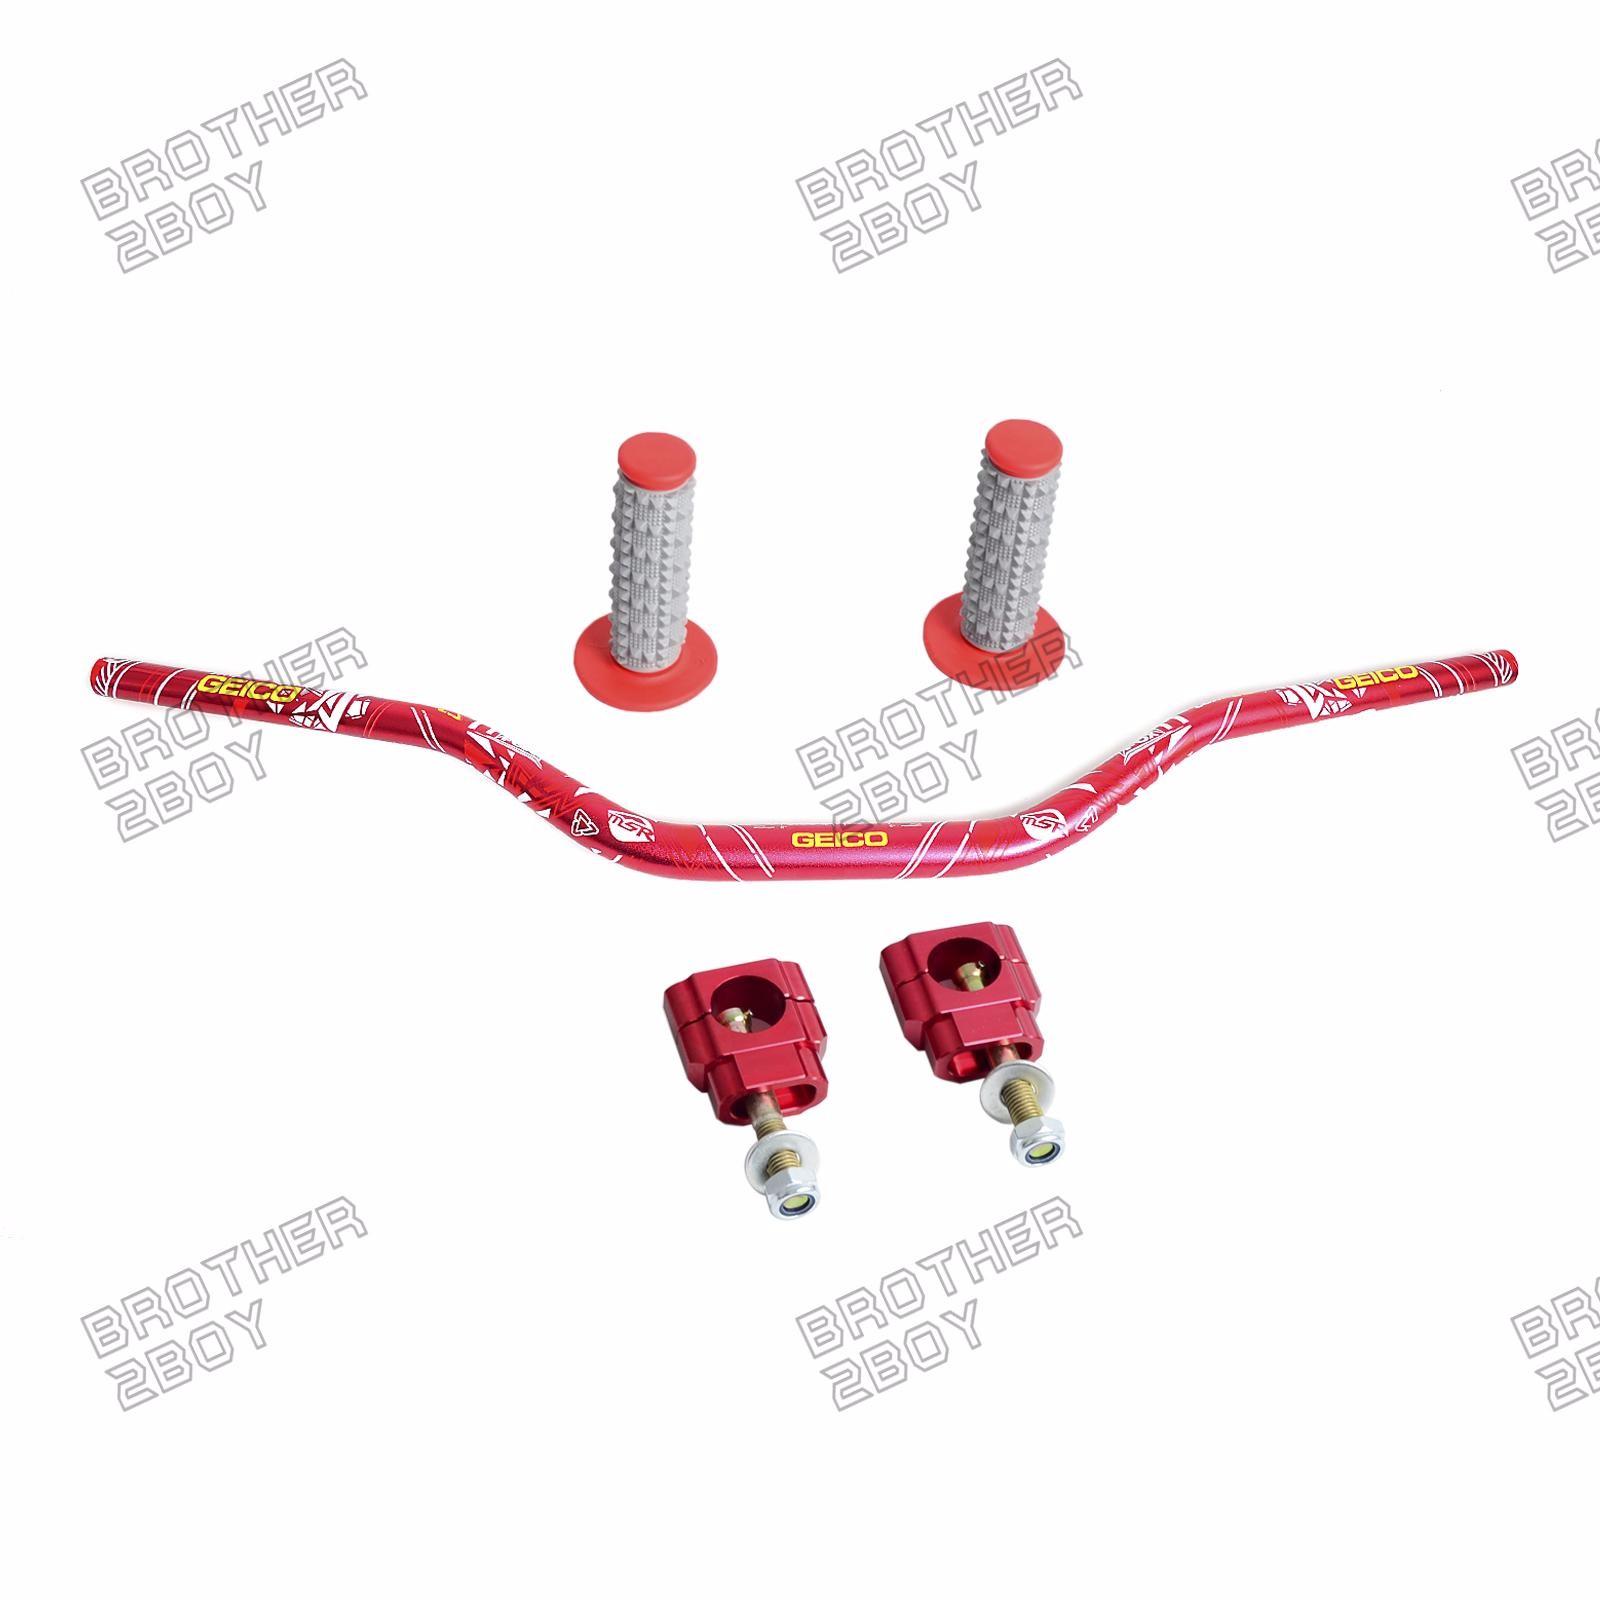 1 8 Handlebar Fat Bar Mount Clamp For Honda Crf250r Crf250x 2005 Wiring Diagram Crf450x Crf450r